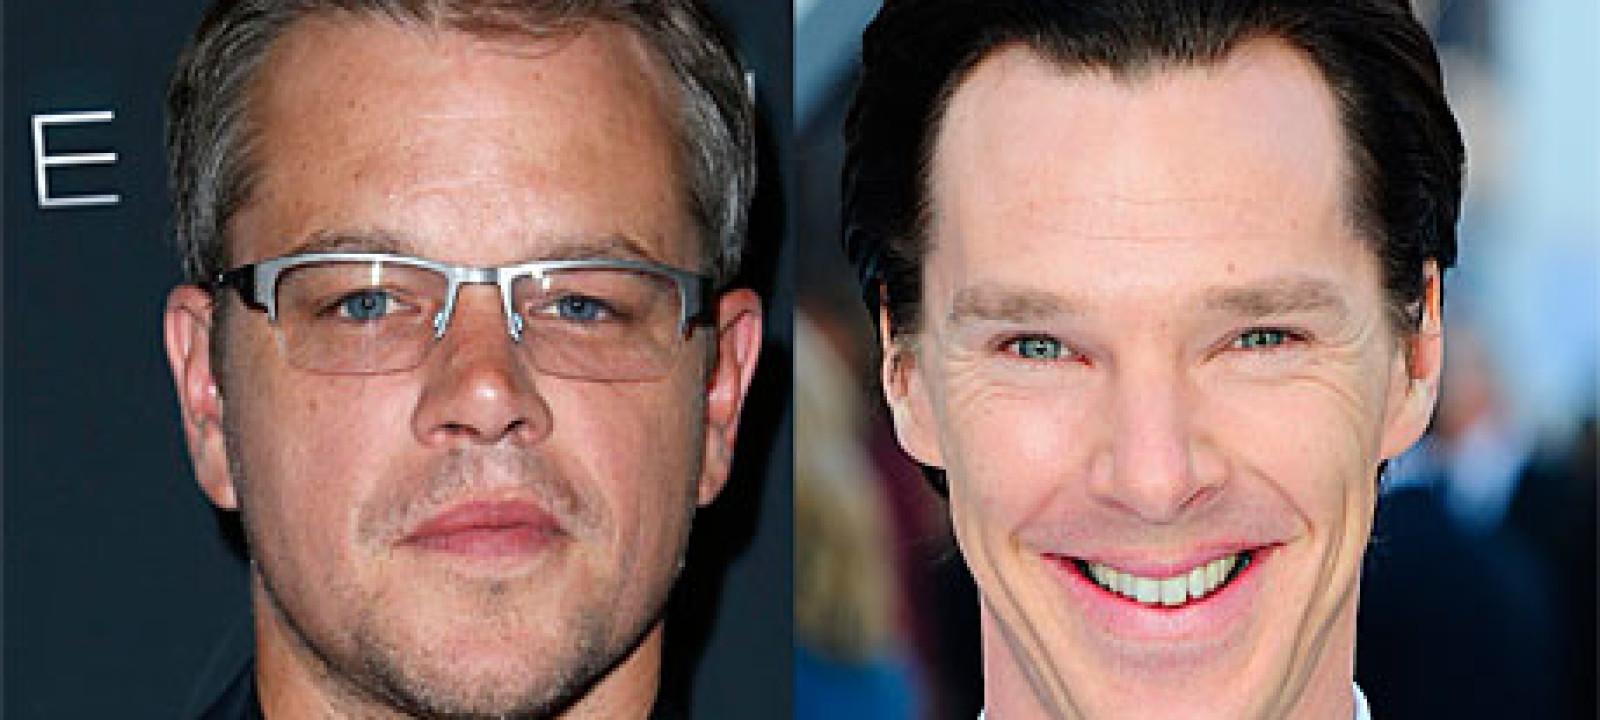 Matt Damon and Benedict Cumberbatch